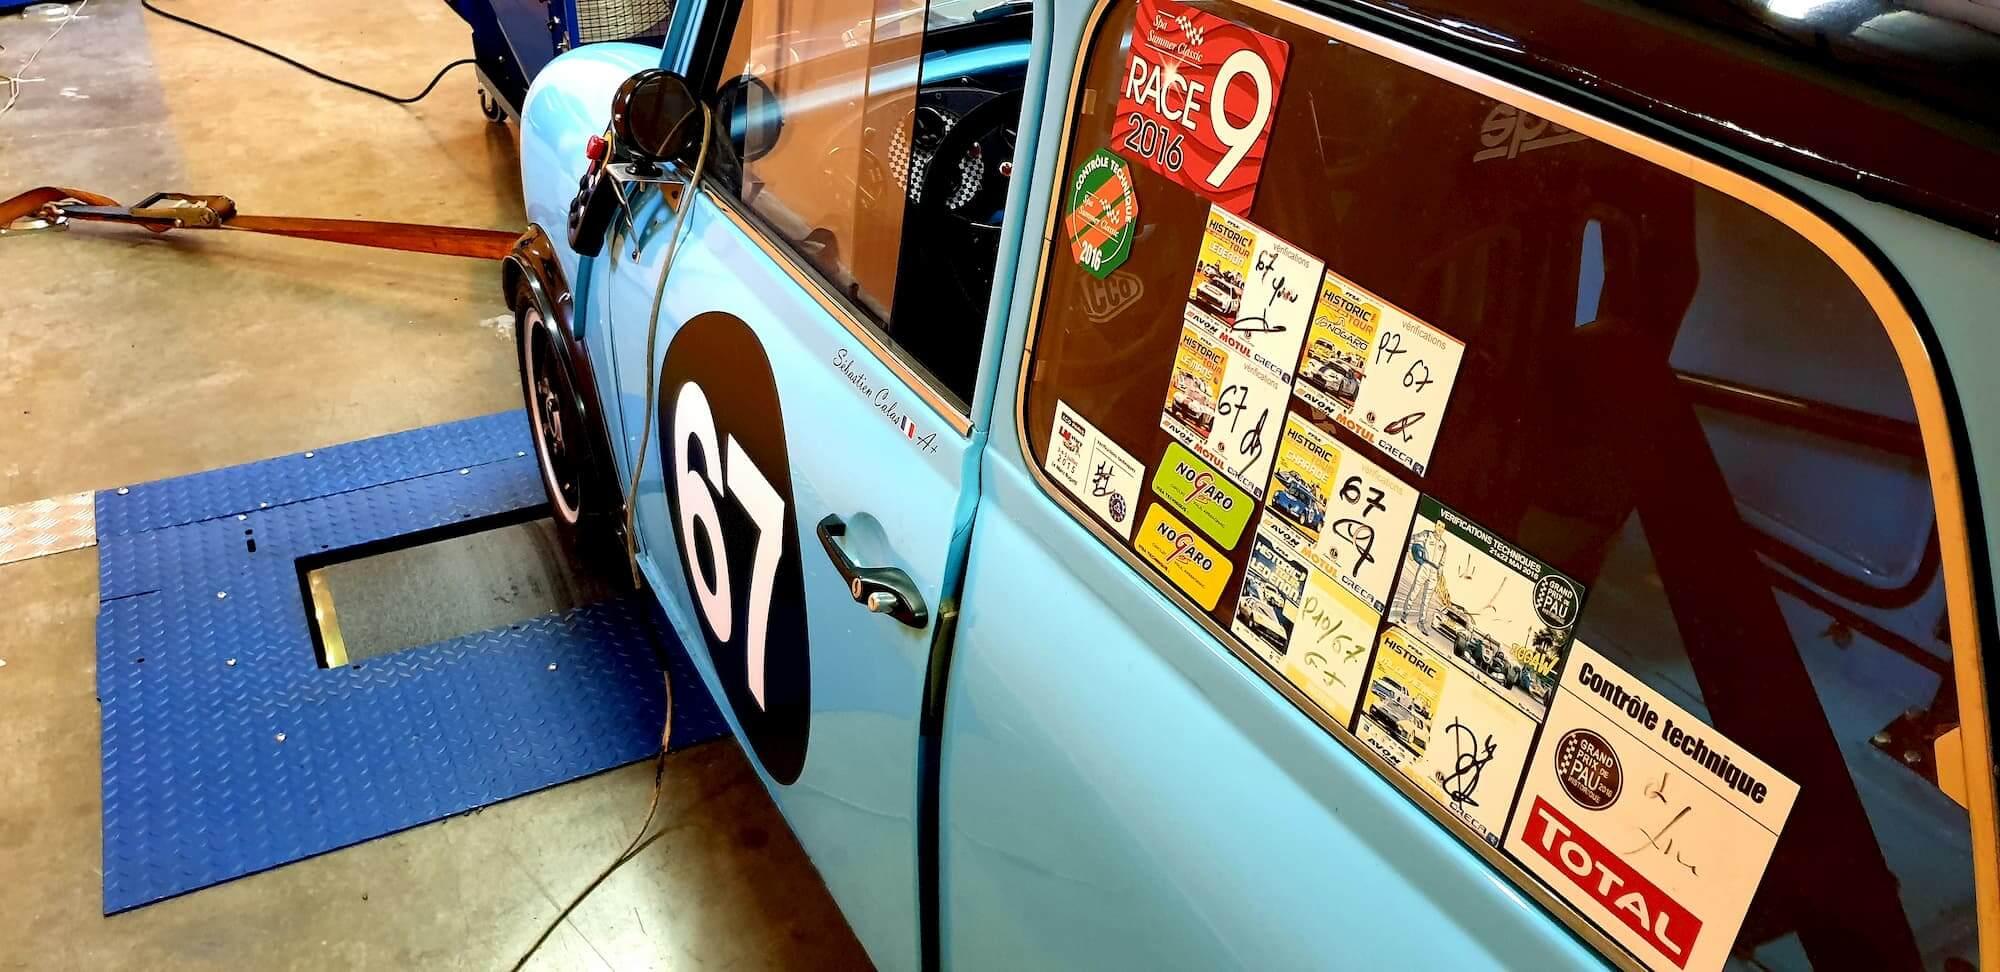 Mini cooper 1293cc sur le banc de puissance Rotronics - Old bristish car